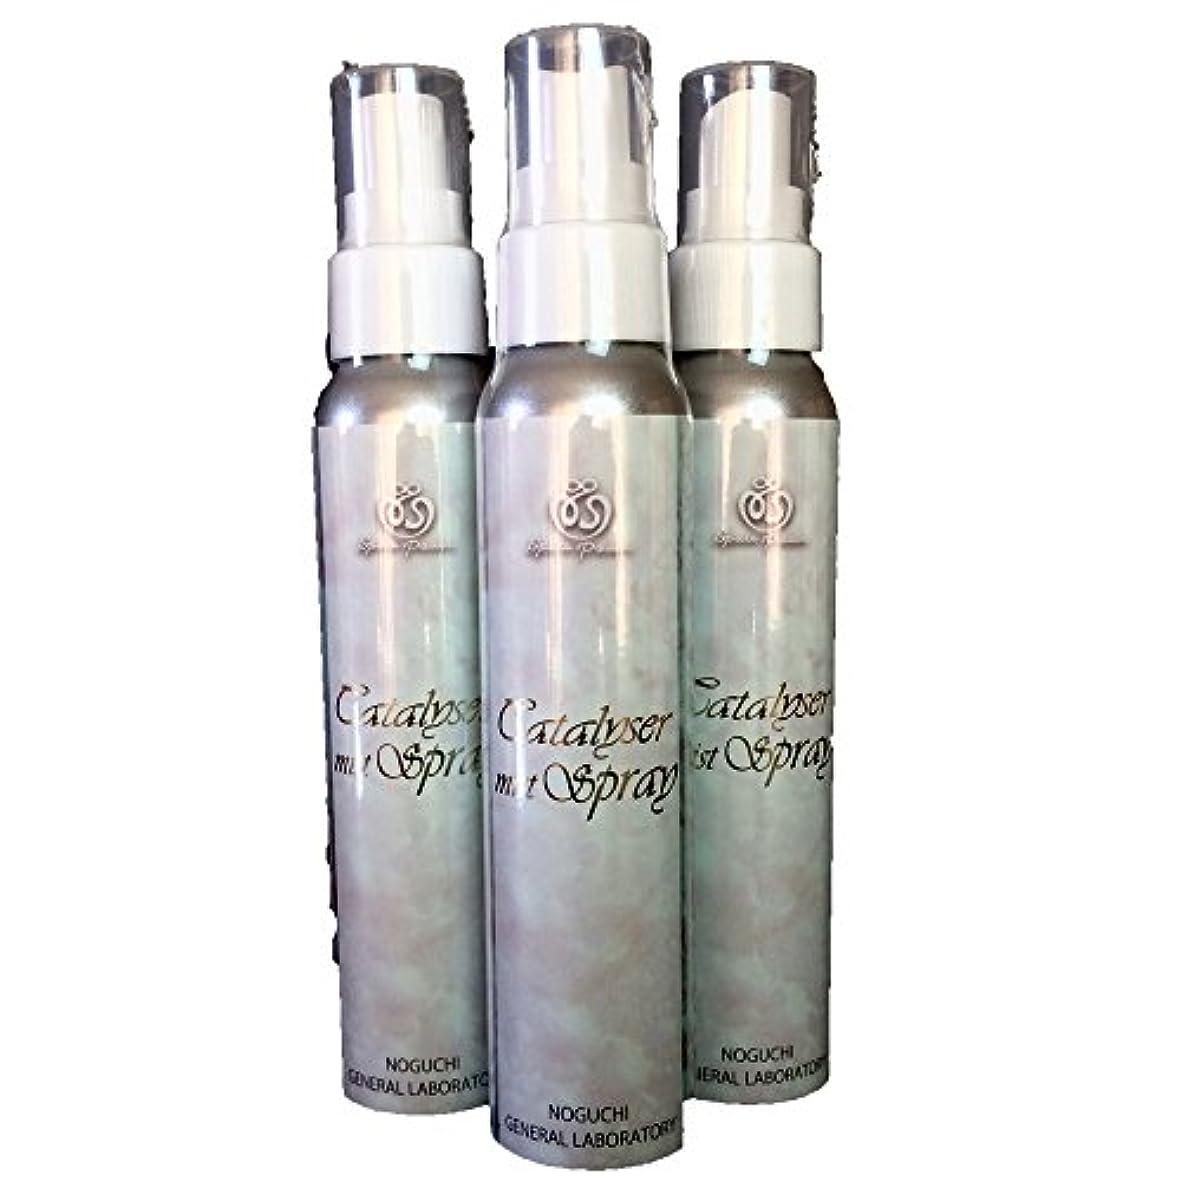 施し満足できる起訴するカタライザーミストスプレー(ミスト化粧水)3本セット